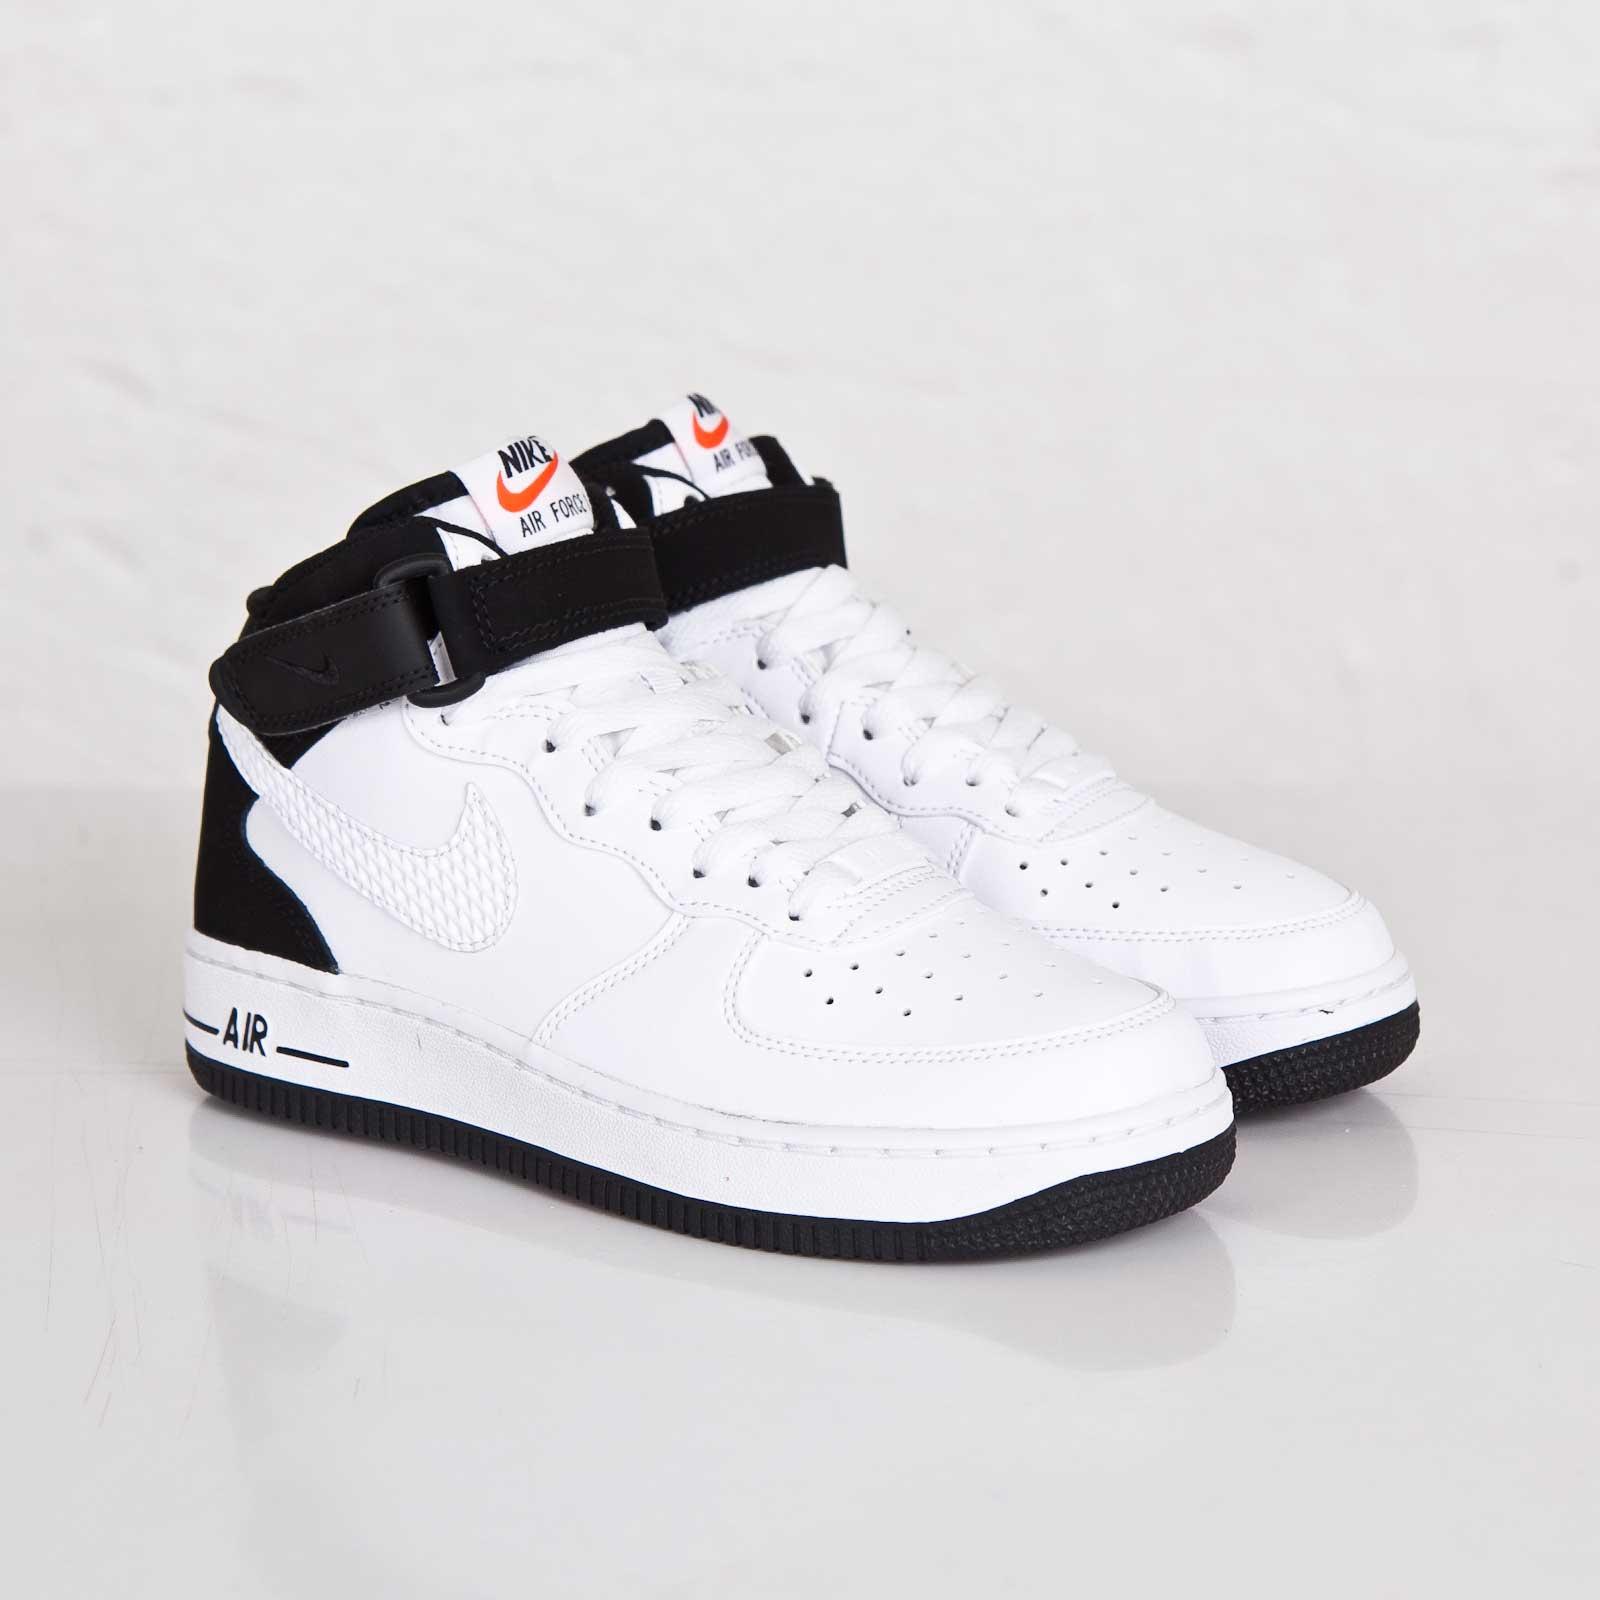 Nike Air Force 1 Mid (GS) 314195 110 Scarpe da  Ginnasticanstuff   scarpe da ginnastica   da f30f3d